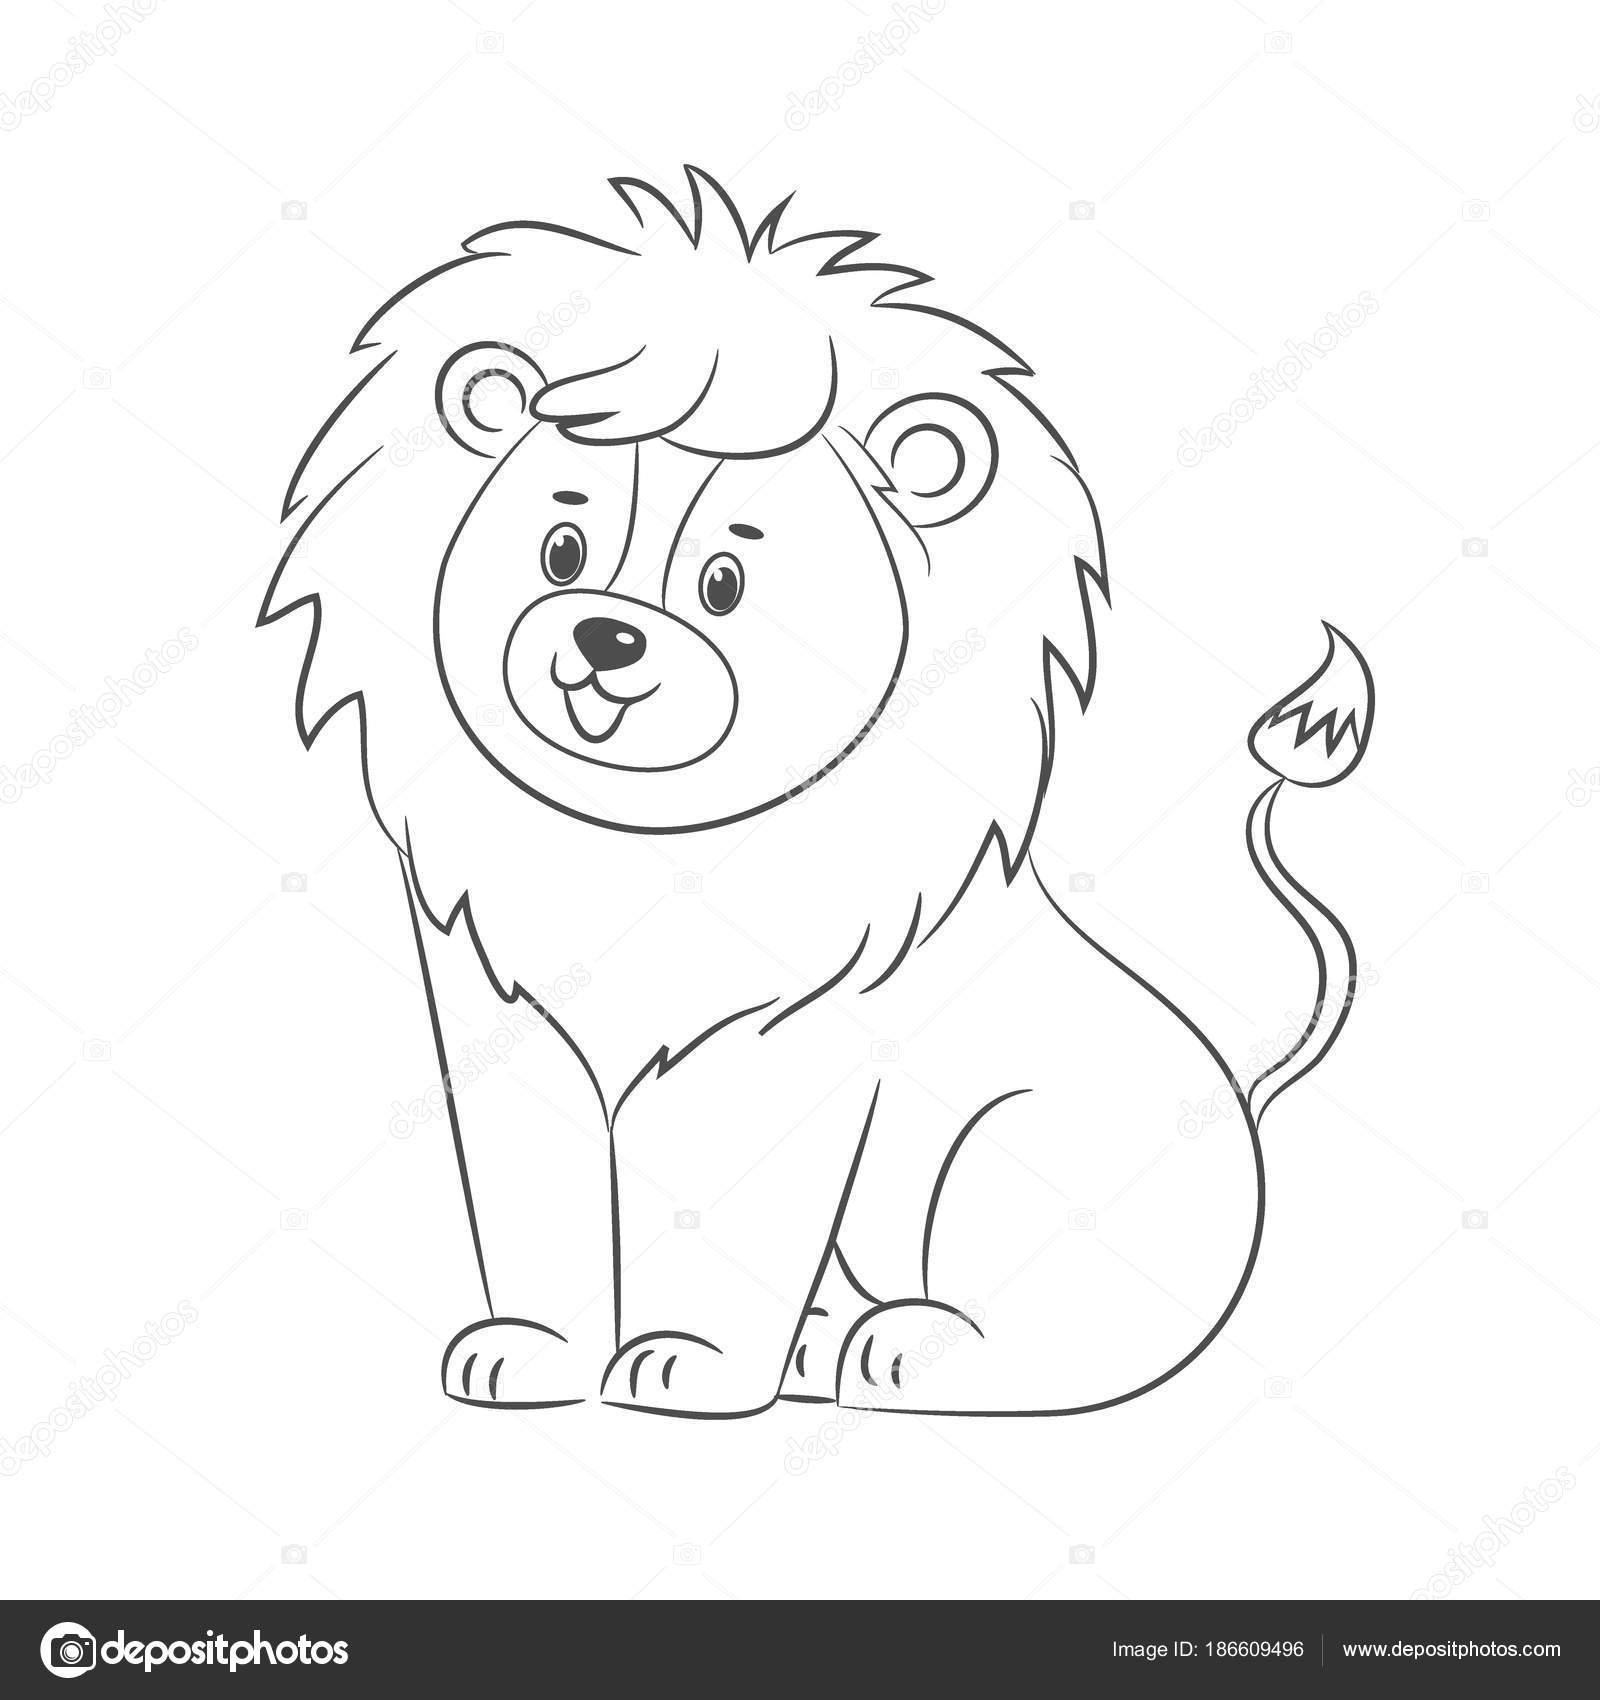 León para colorear libro — Vector de stock © romalka #186609496